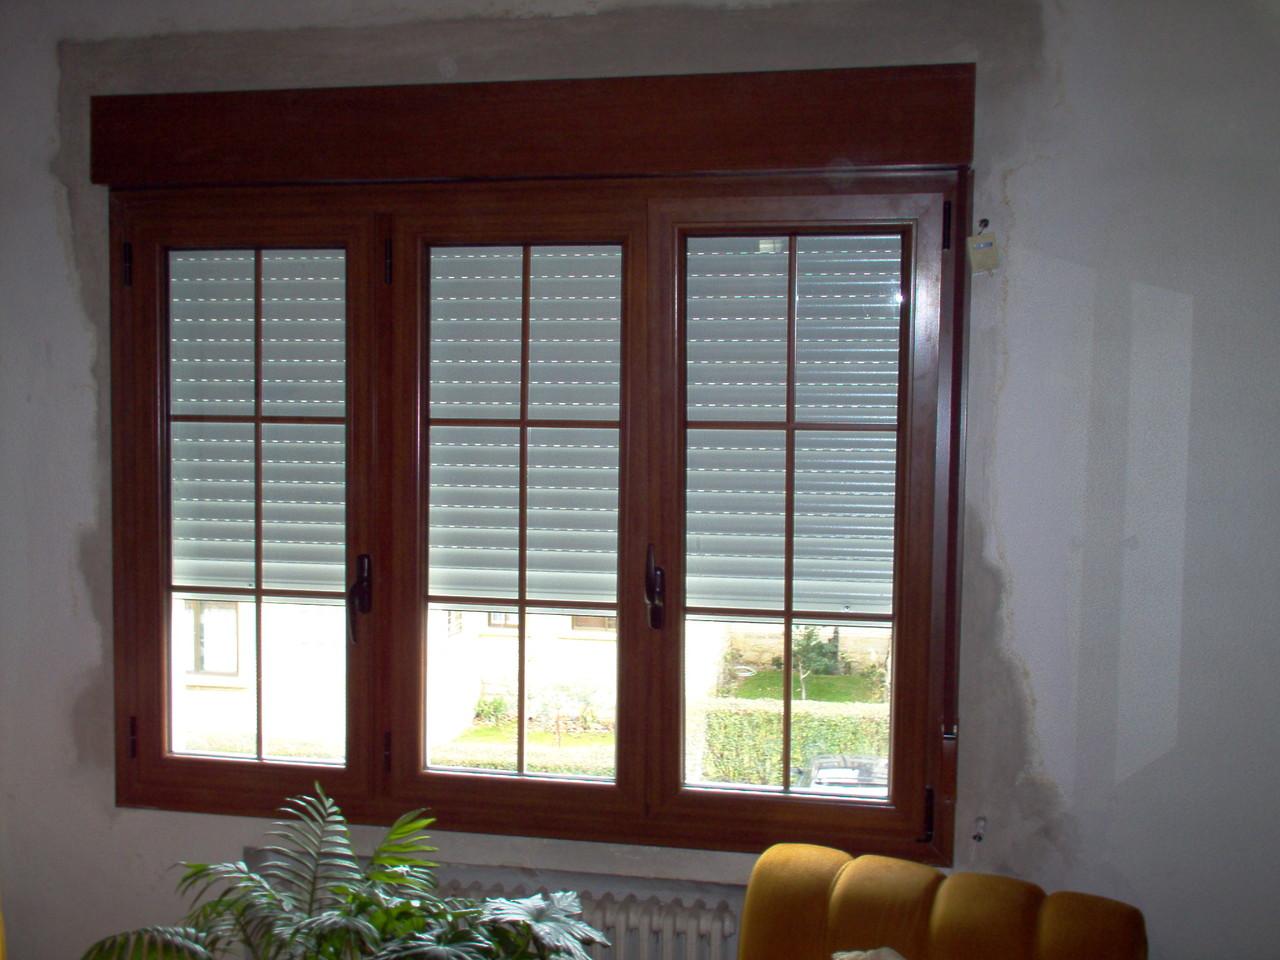 Contraventana interior de aluminio aluminios no in gar s for Imagenes de ventanas de aluminio modernas